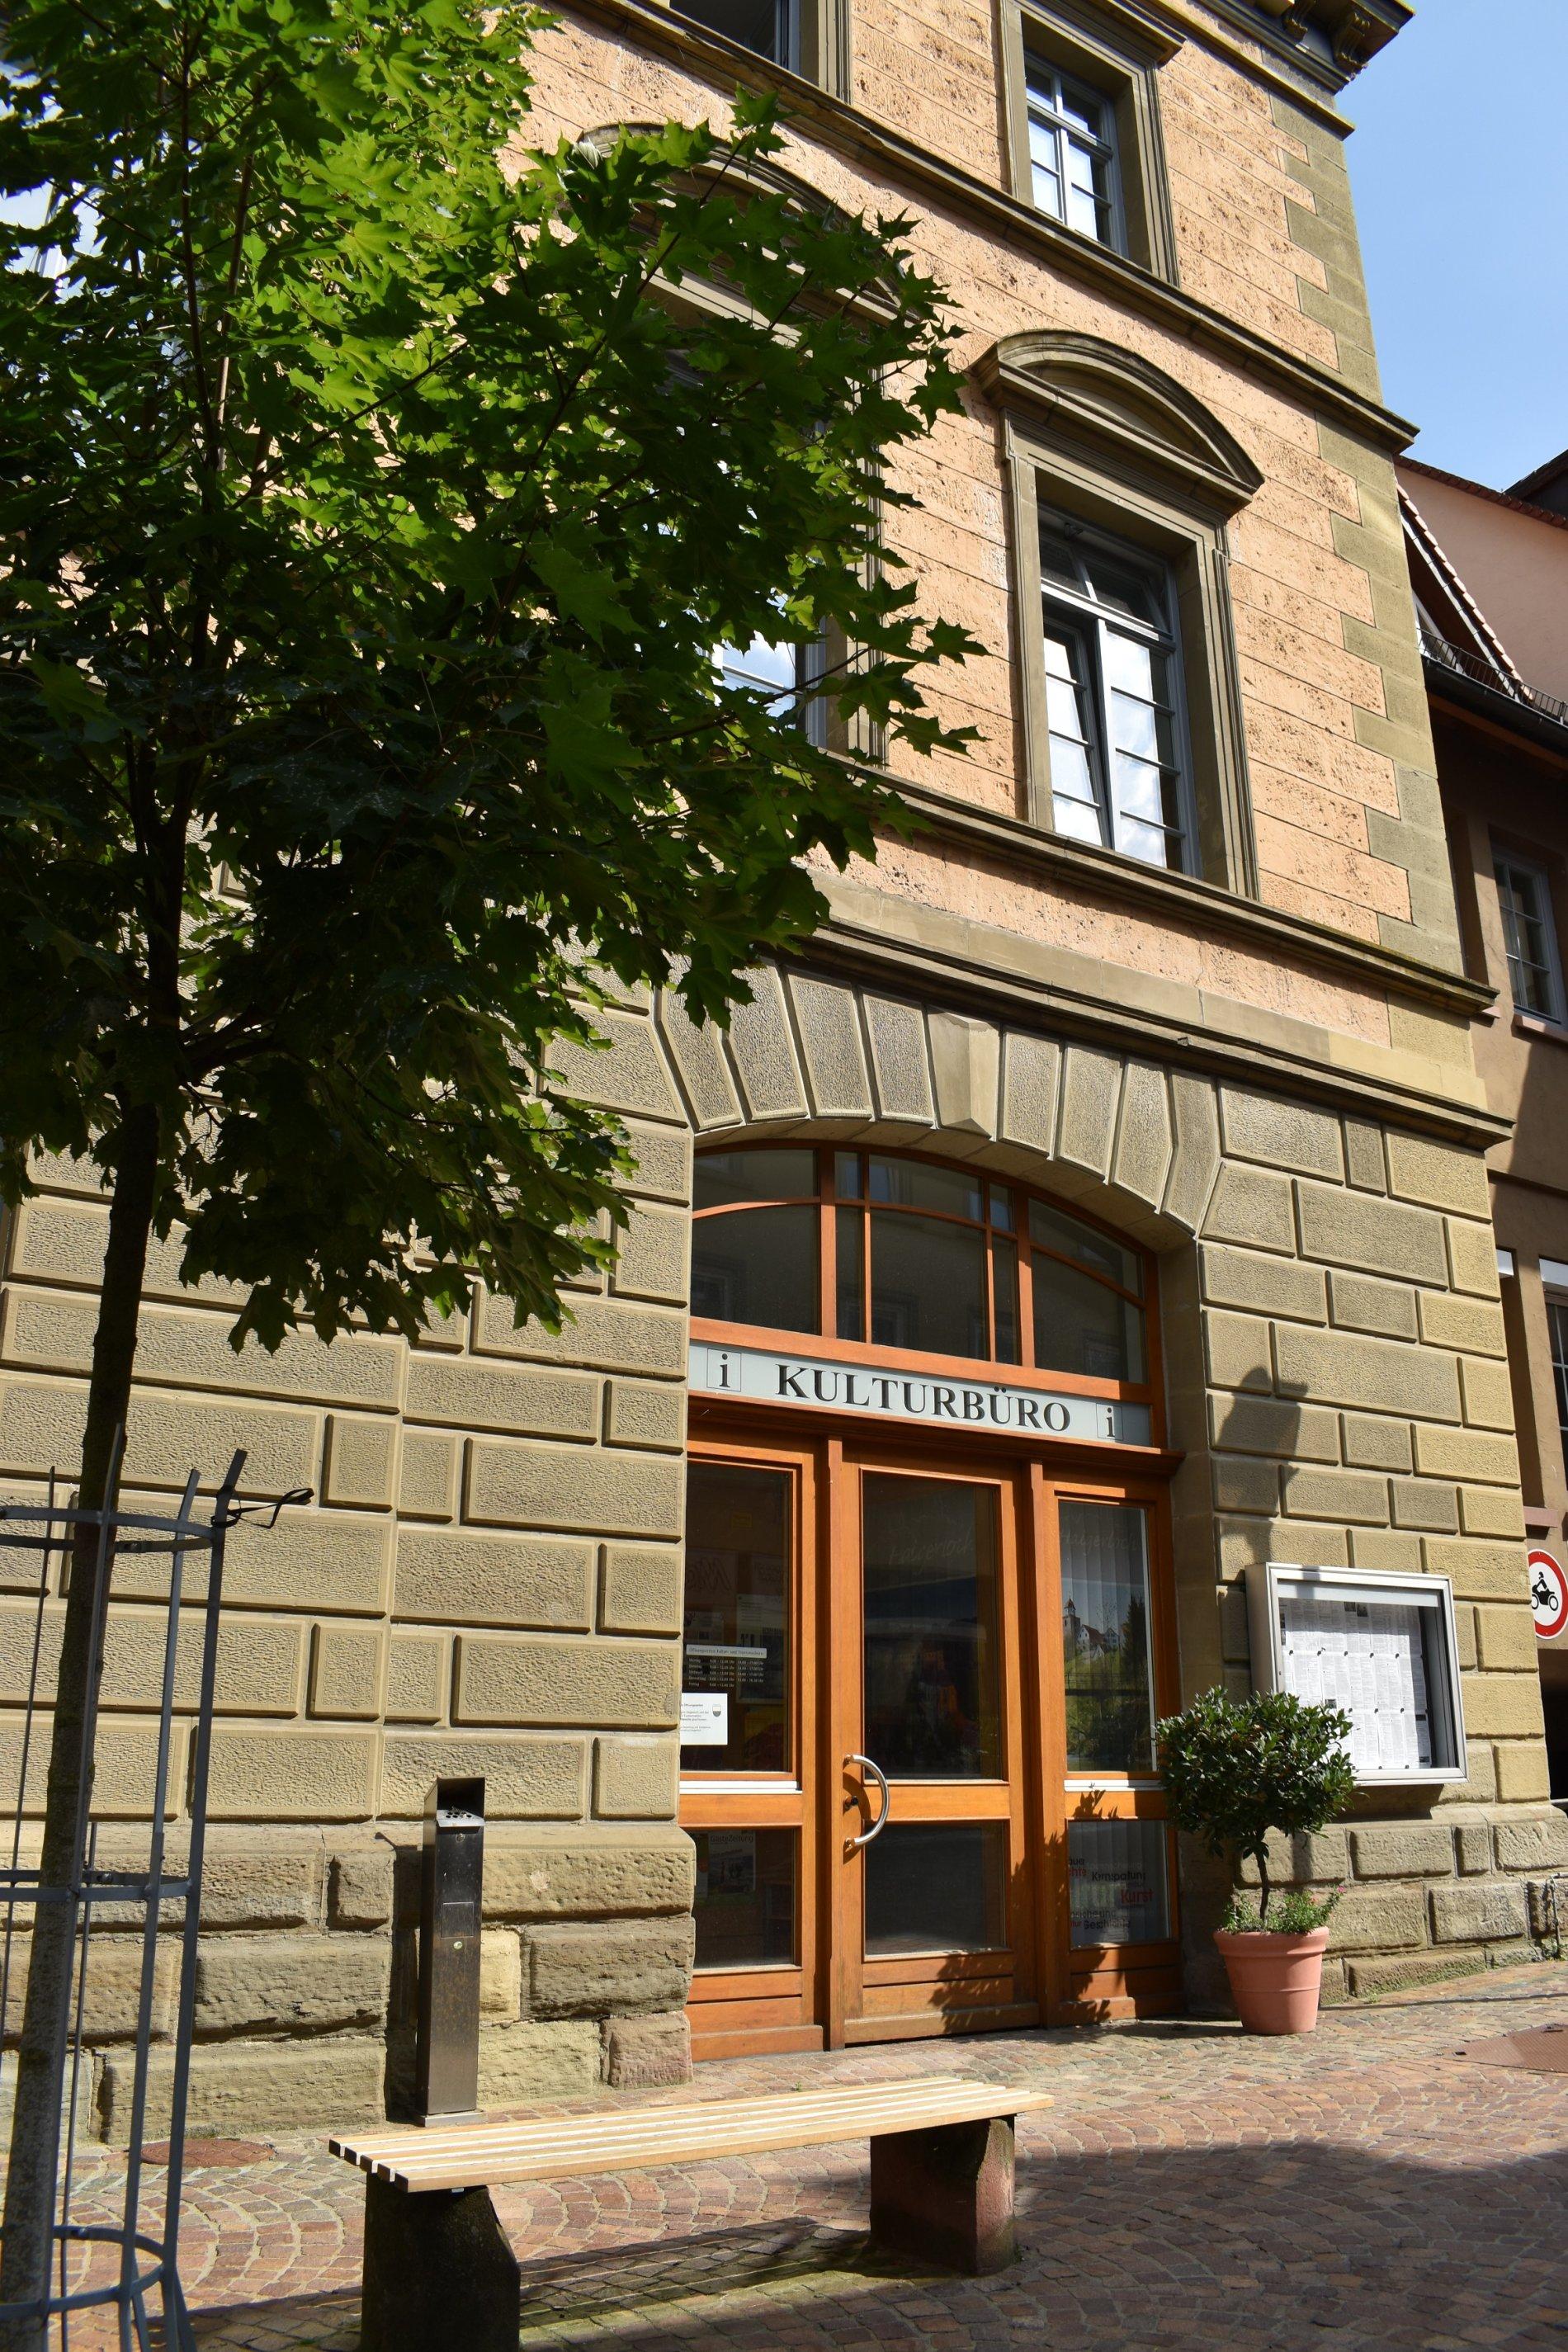 Touristinfogebäude mit Eingangstüre, Vorplatz und Ruhebank